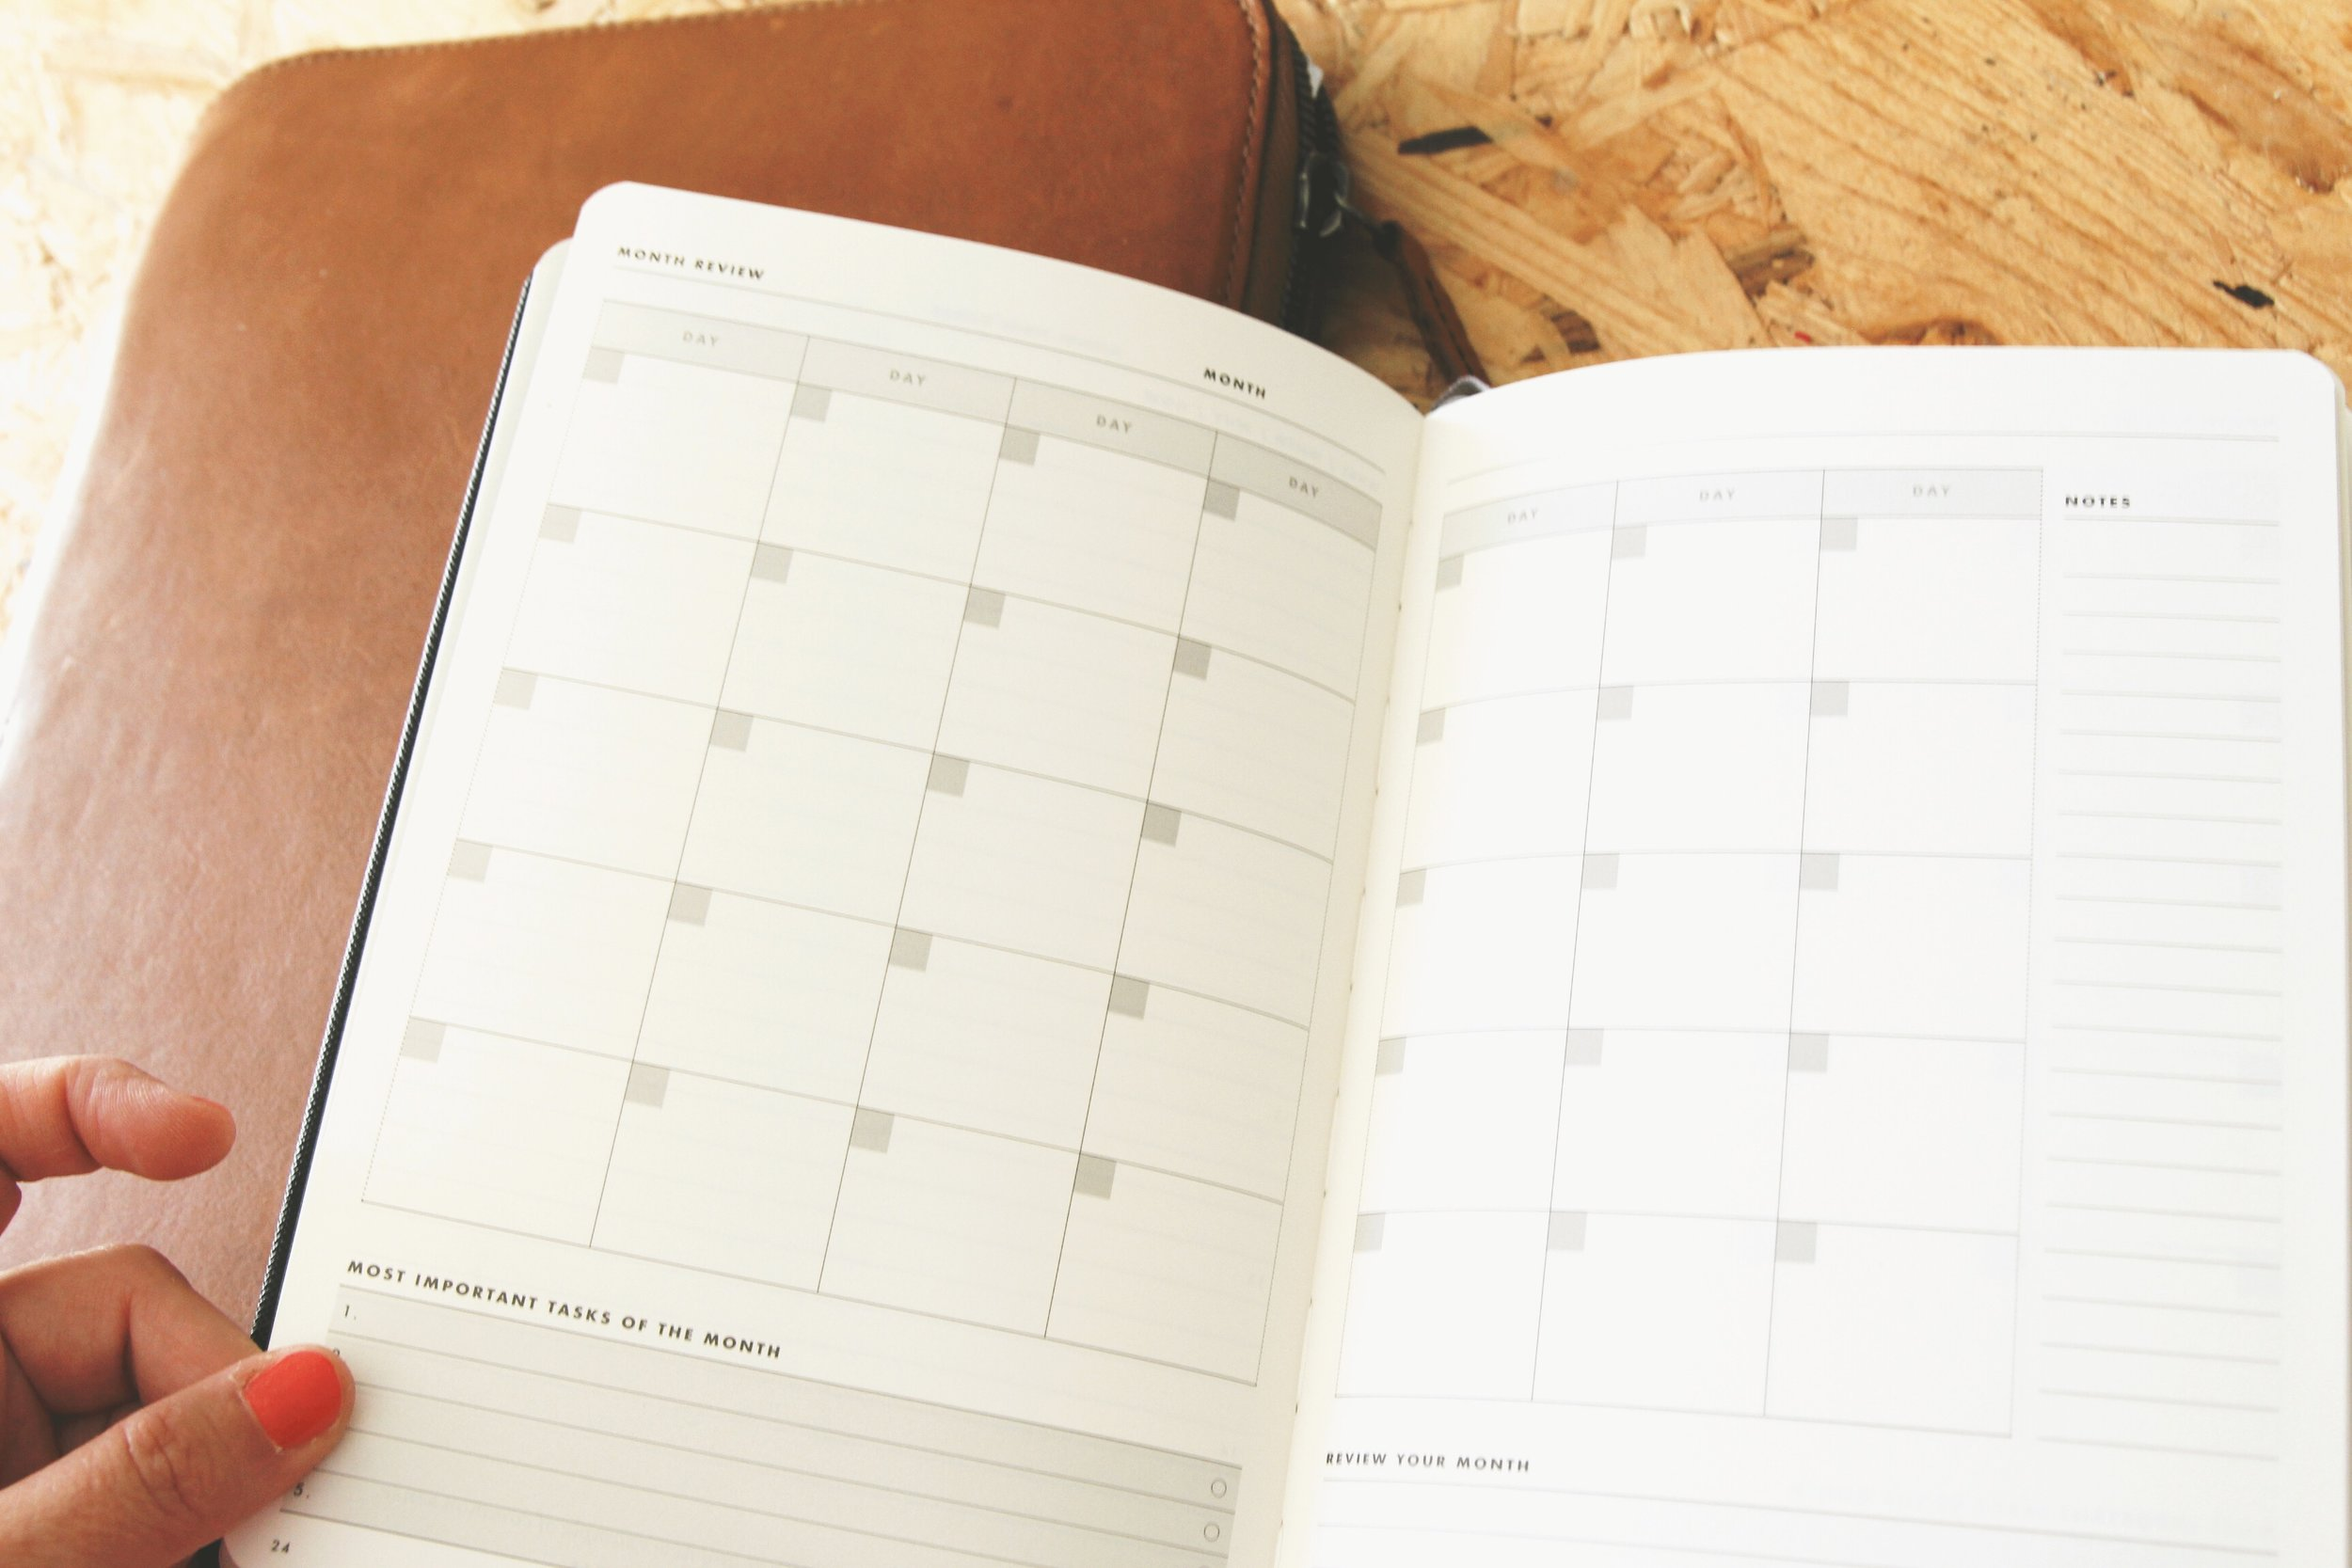 celine navarro daily goal setter planner 03.JPG